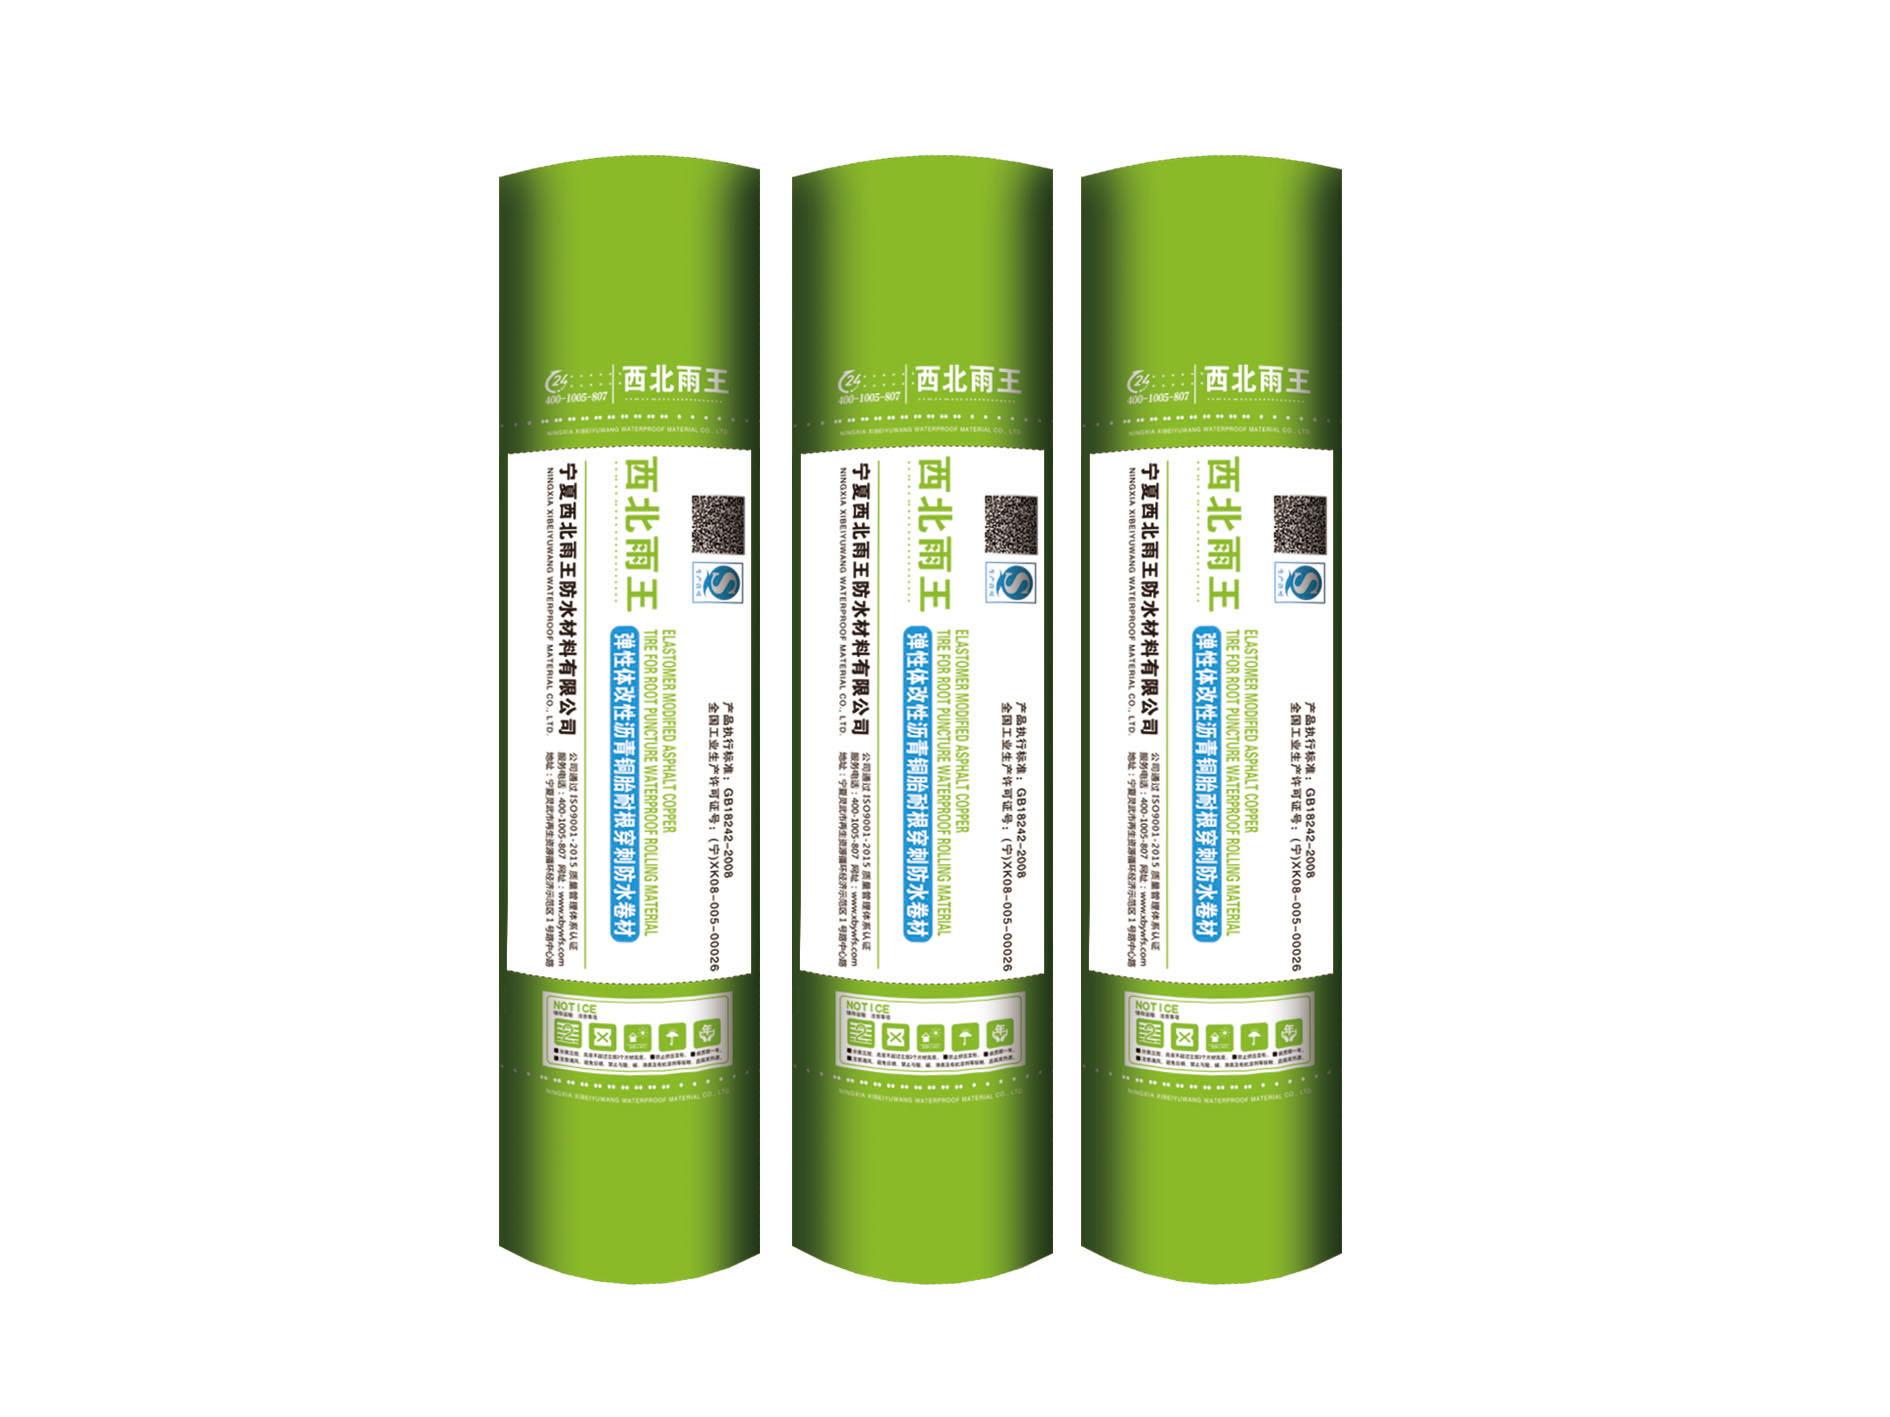 中卫防水材料公司-西北雨王防水材料厂可靠的宁夏防水材料销售商